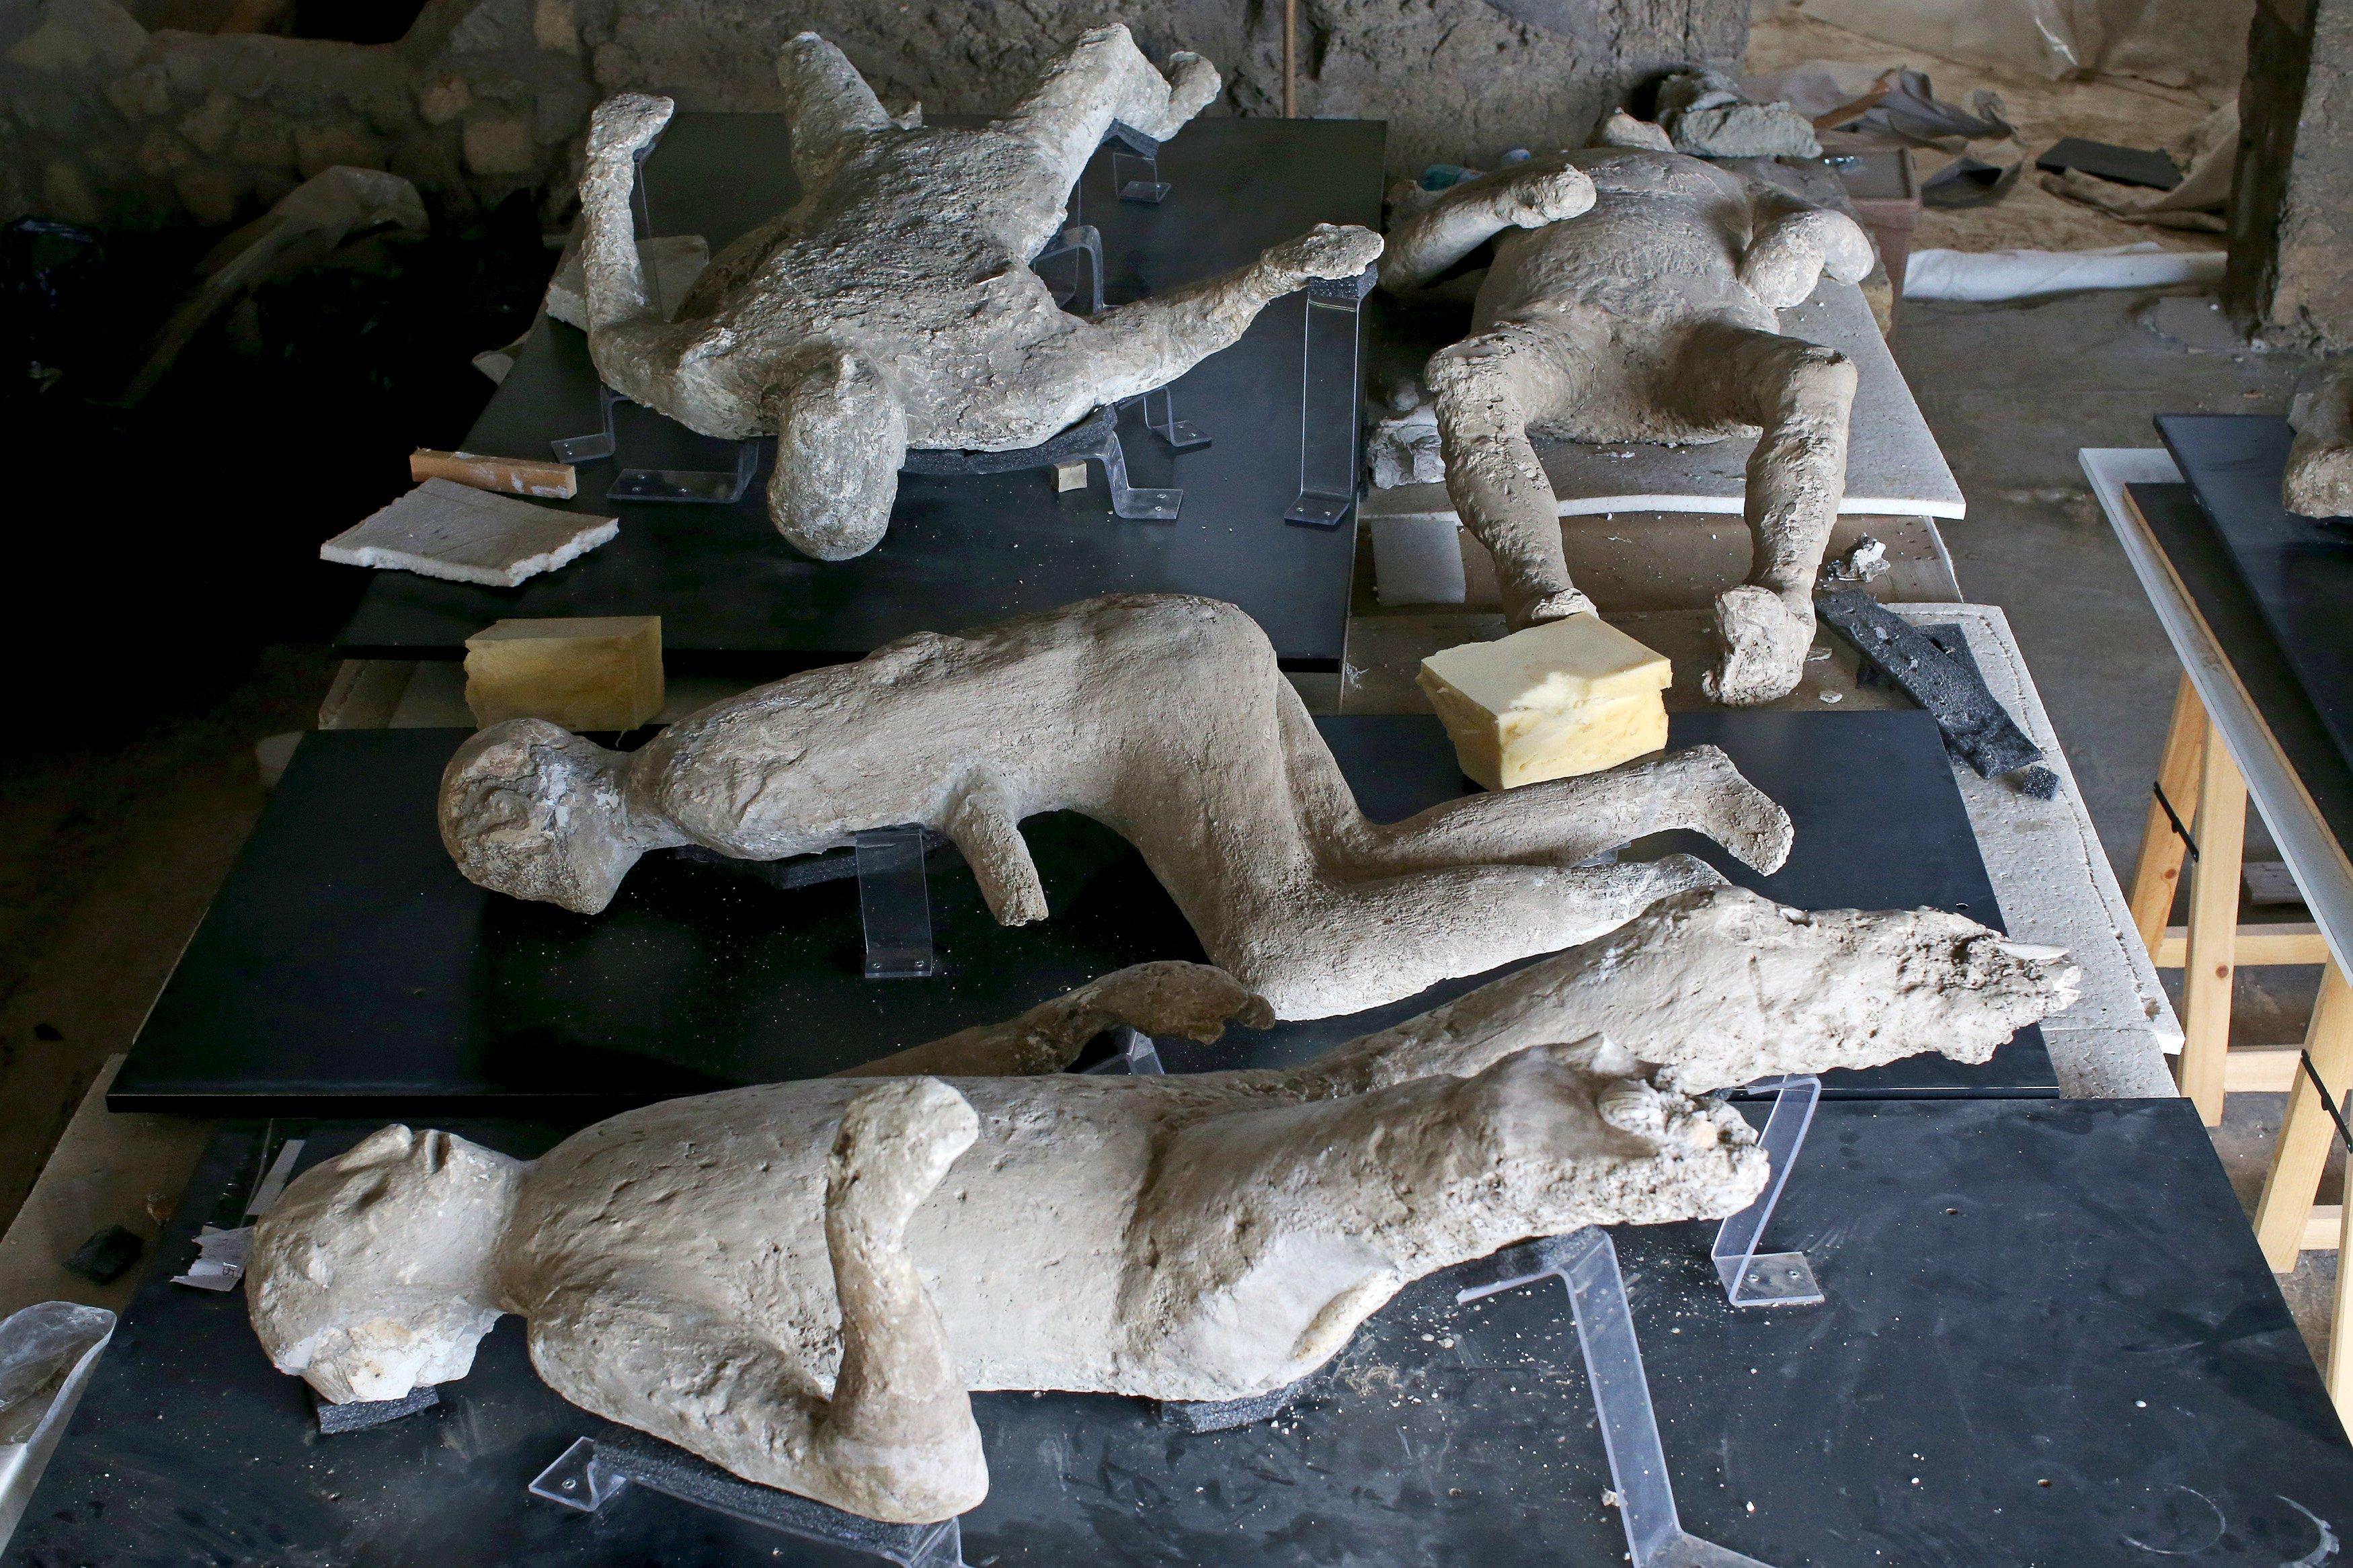 Cetakan gips dari korban letusan Gunung Vesuvius terbaring di meja display di sebuah laboratorium di Pompeii, Selasa (13/10). Sebuah tim ahli yang terdiri dari arkeologis, radiologis, ortodontis dan antropologis pada September 2015 mulai menggunakan teknologi CAT scan untuk melihat ke dalam cetakan gips dari korban Pompeii, dalam sebuah penelitian untuk menambahkan detail pada penemuan sebelumnya. 16 lapis scan harus digunakan untuk bisa menembus gips tapi hasil menunjukkan sisa-sisa rangka dan gigi yang hampir sempurna. Foto diambil tanggal 13 oktober 2015. ANTARA FOTO/REUTERS/Alessandro Bianch.